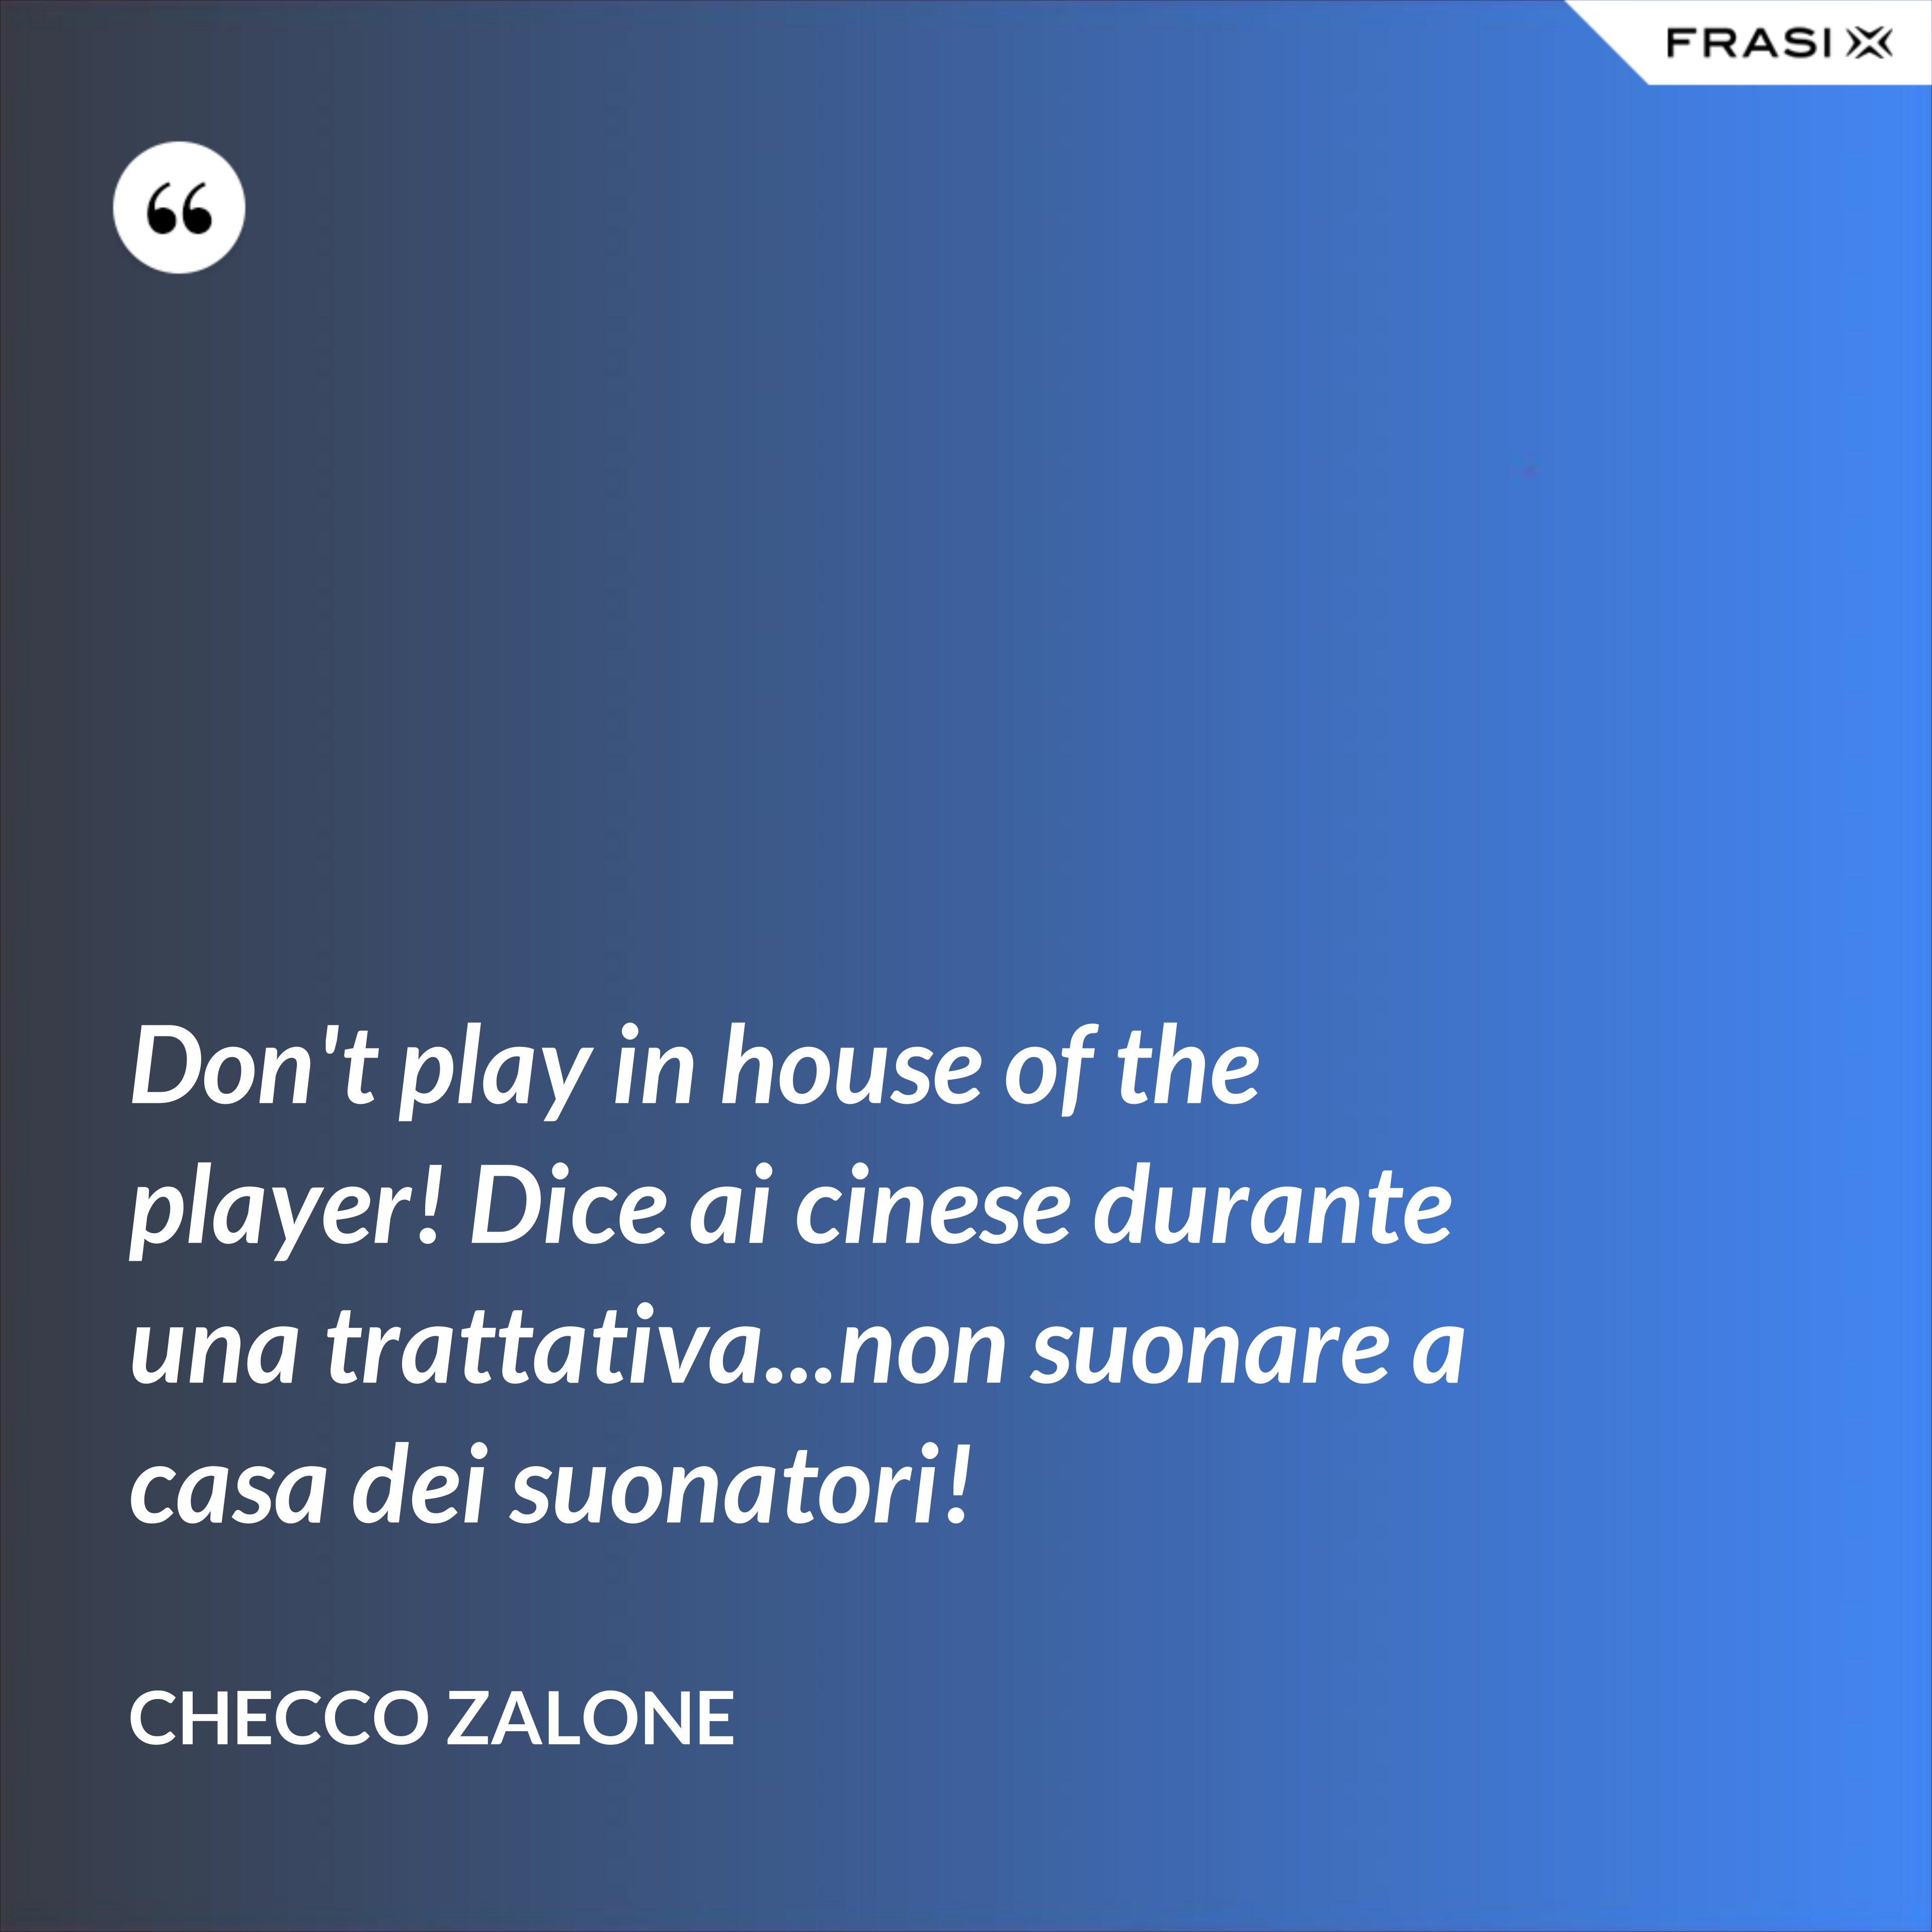 Don't play in house of the player! Dice ai cinese durante una trattativa...non suonare a casa dei suonatori! - Checco Zalone